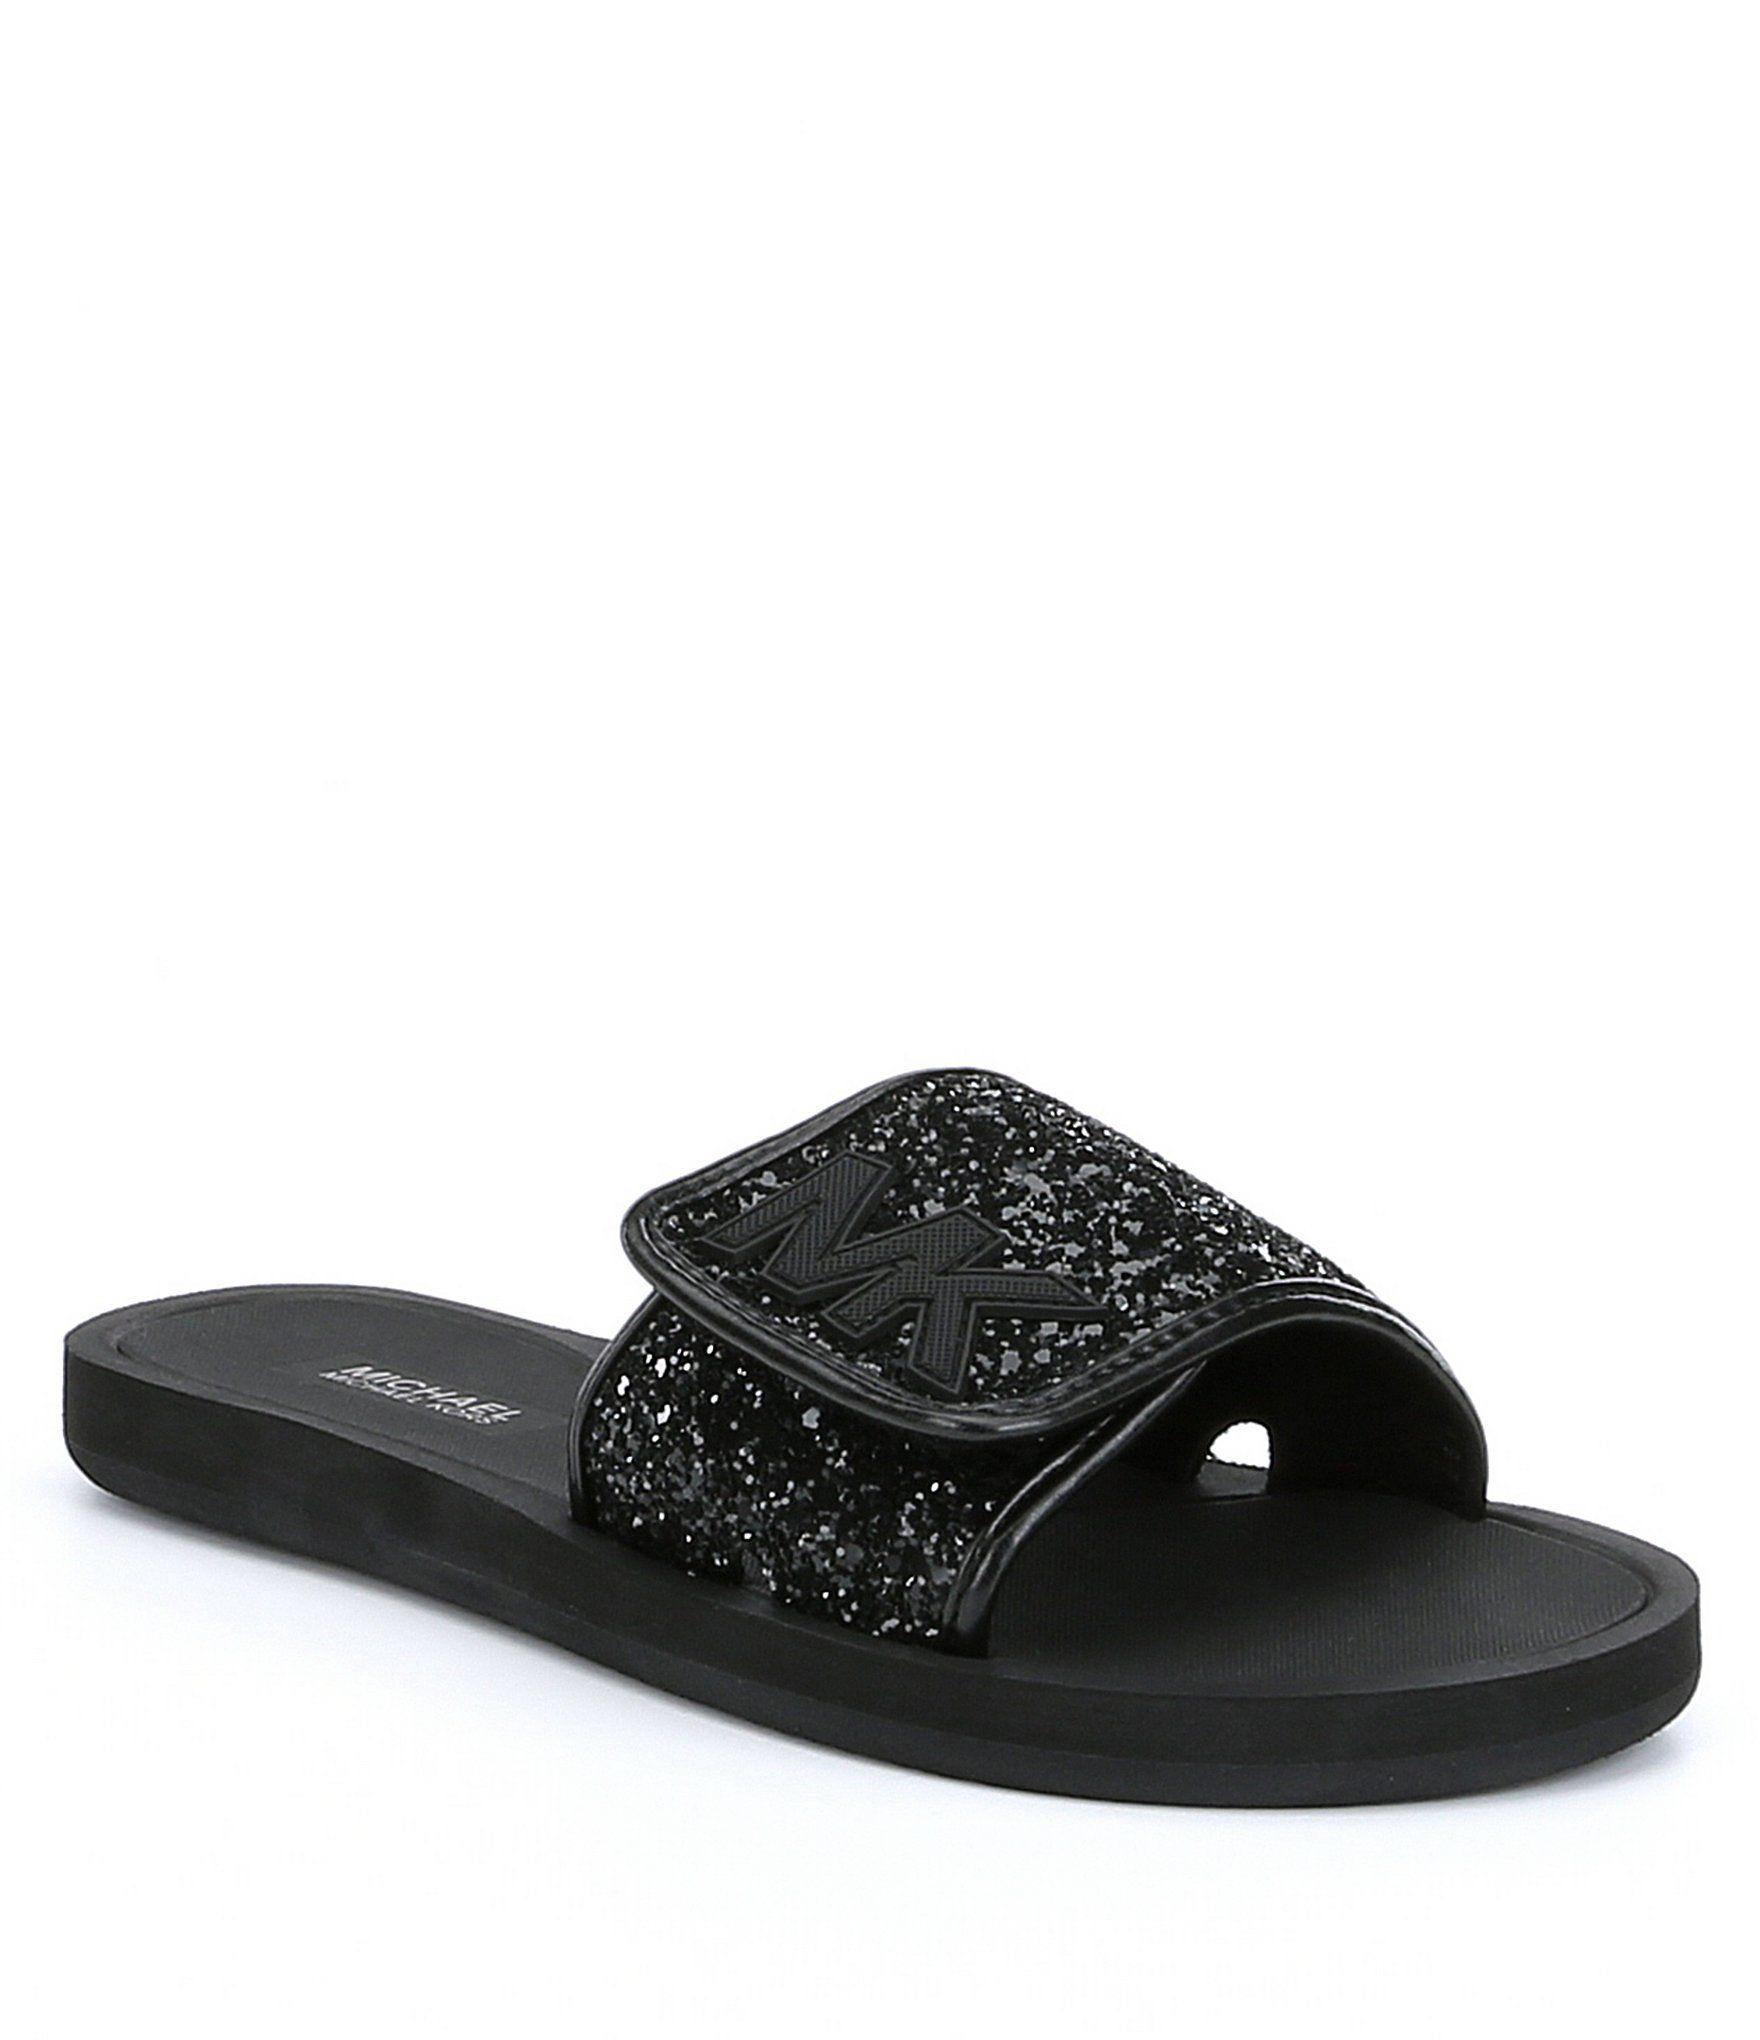 Slide sandals, Sandals, Glitter slides